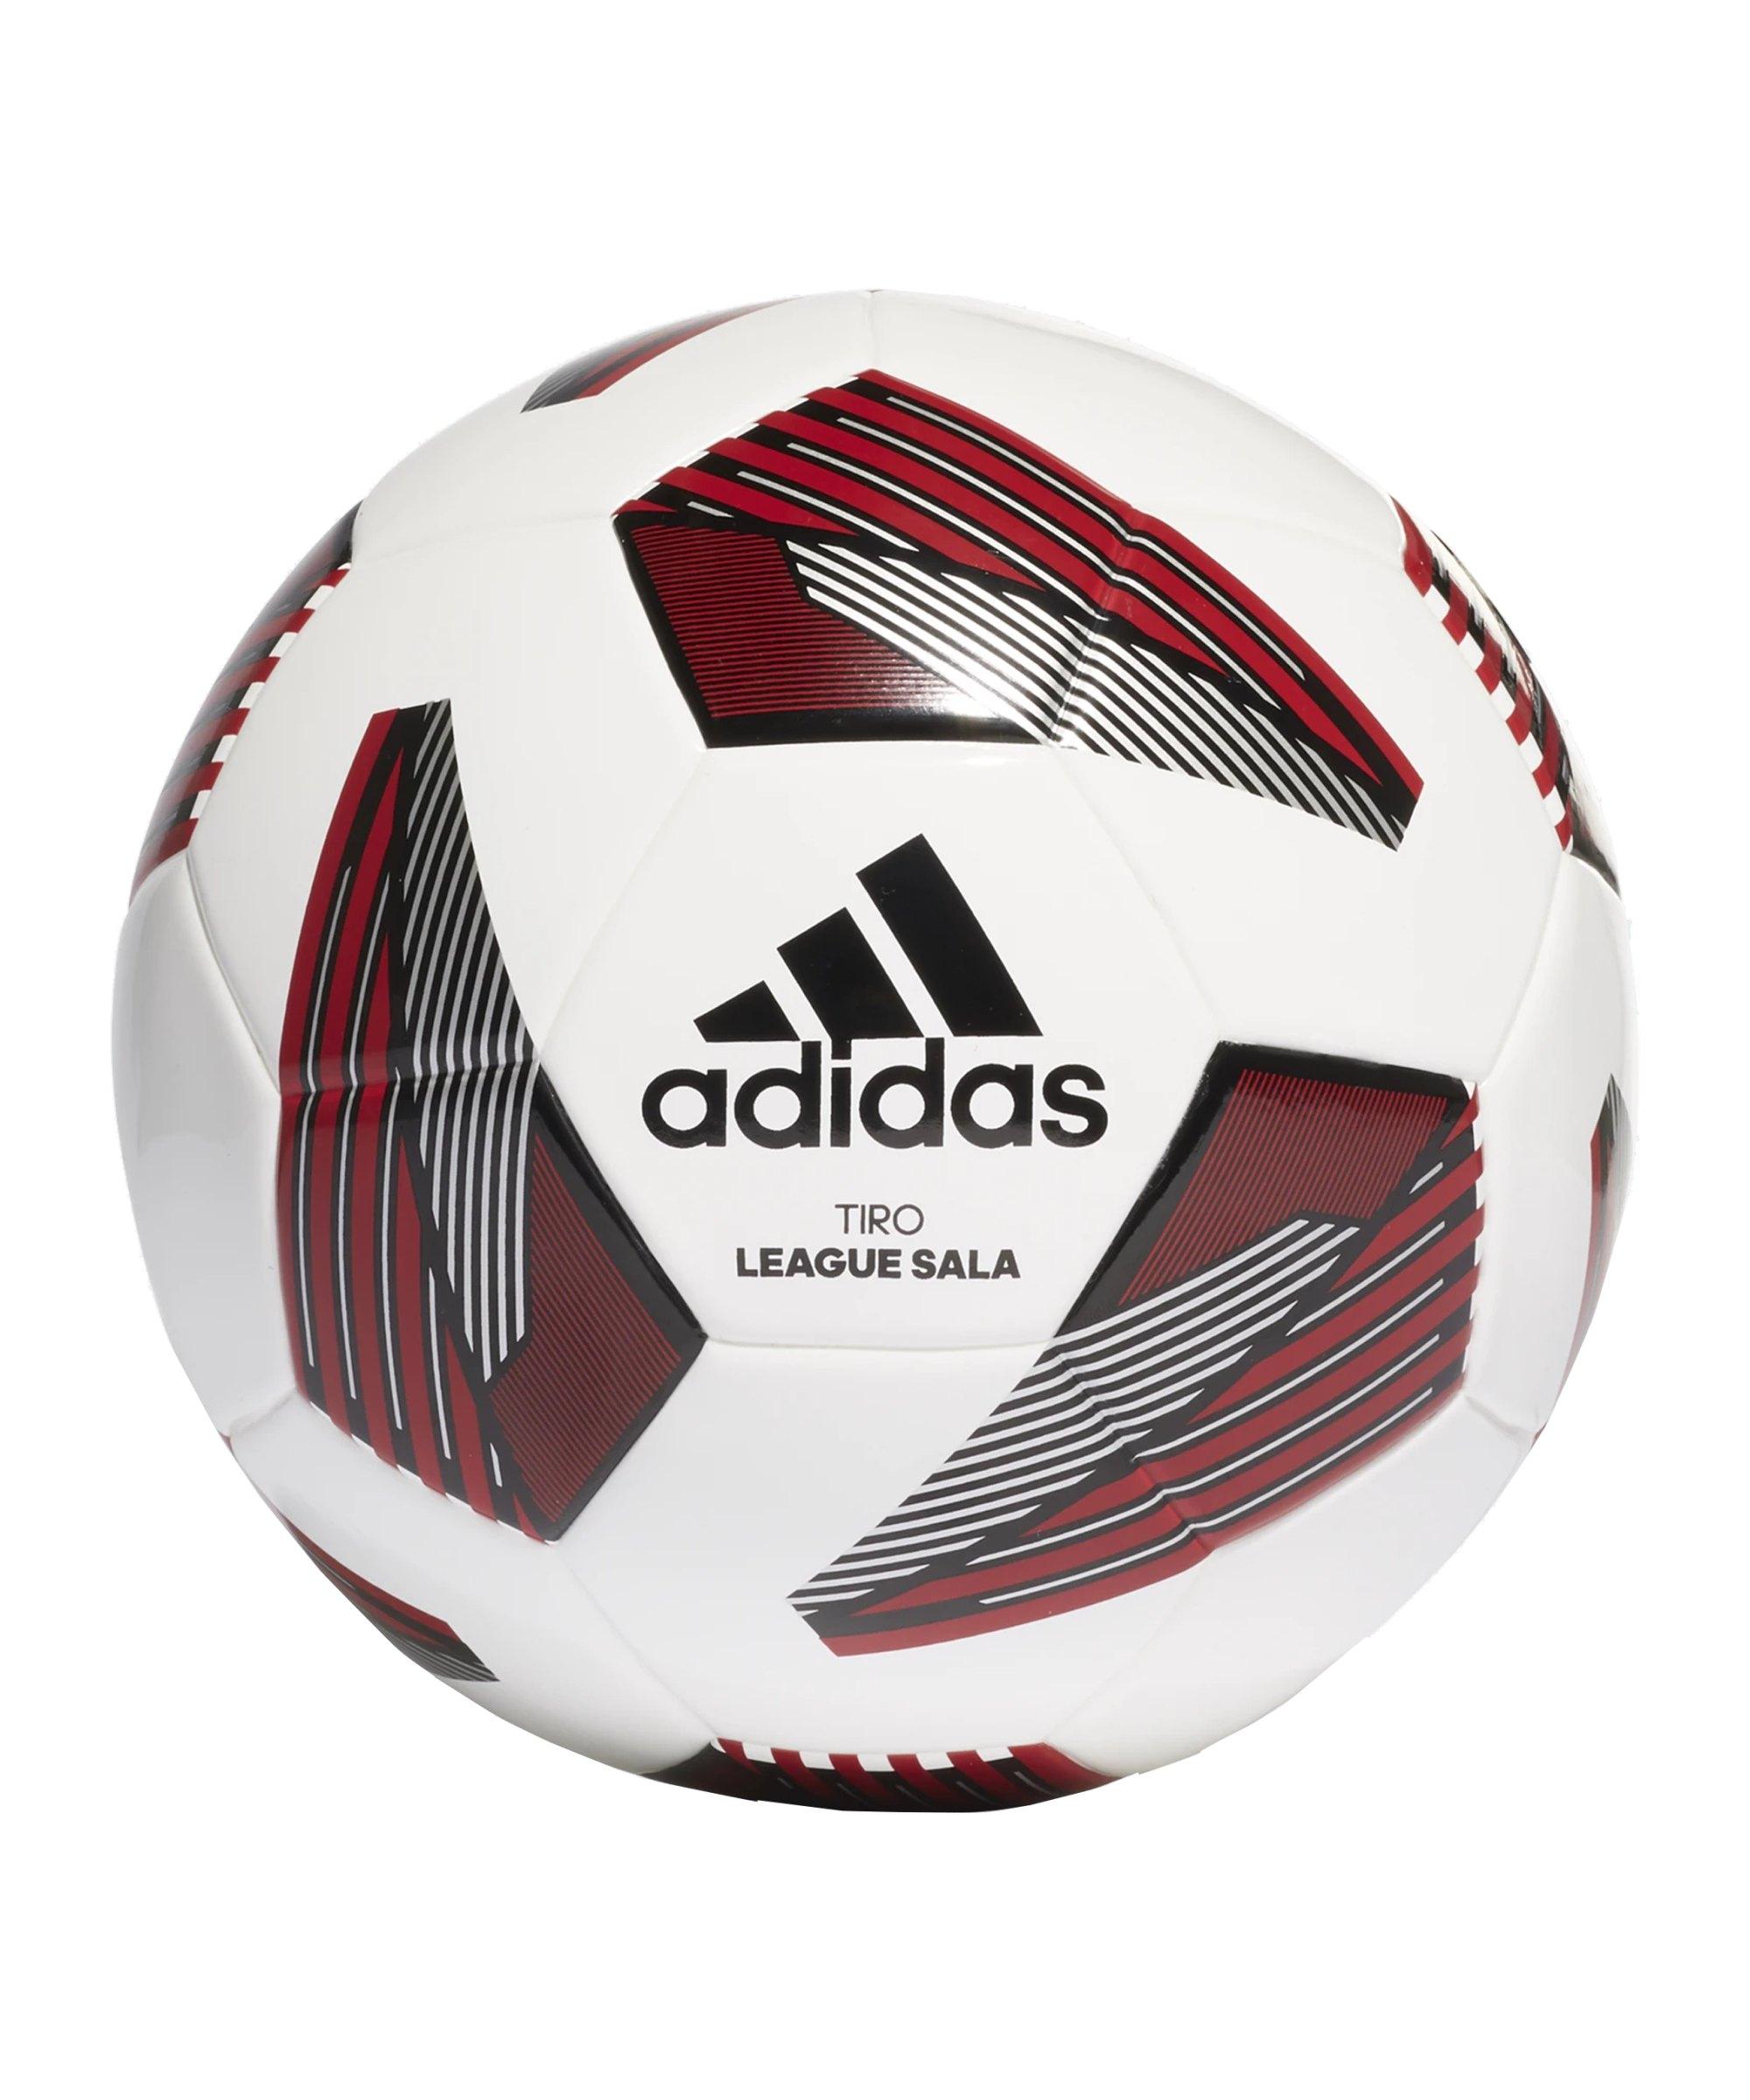 adidas Tiro League Sala Hallenfussball Weiss - weiss